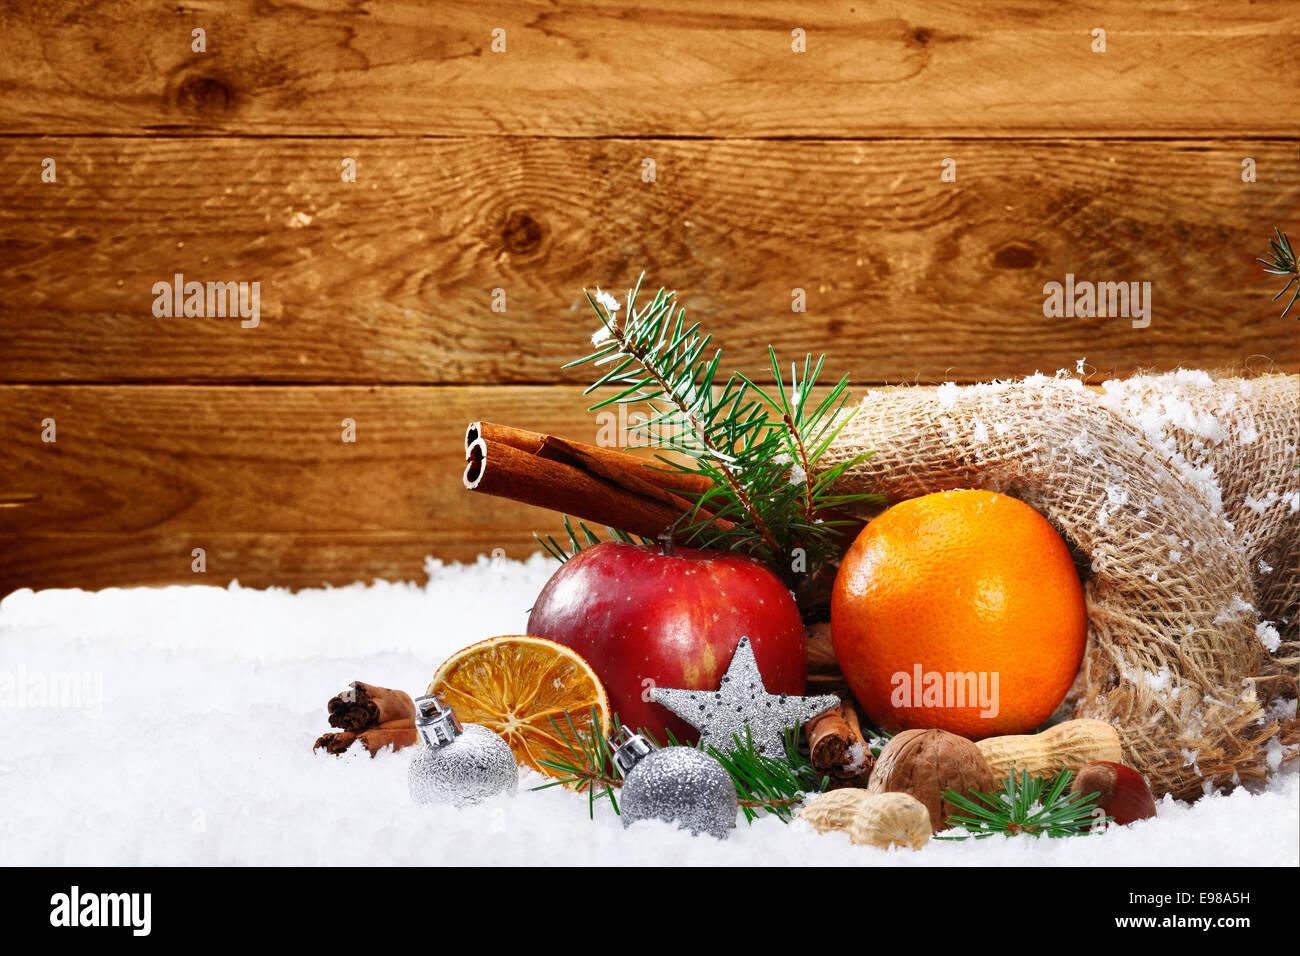 Künstlerische Weihnachten Stillleben mit buntem Obst und Gewürze aus ...